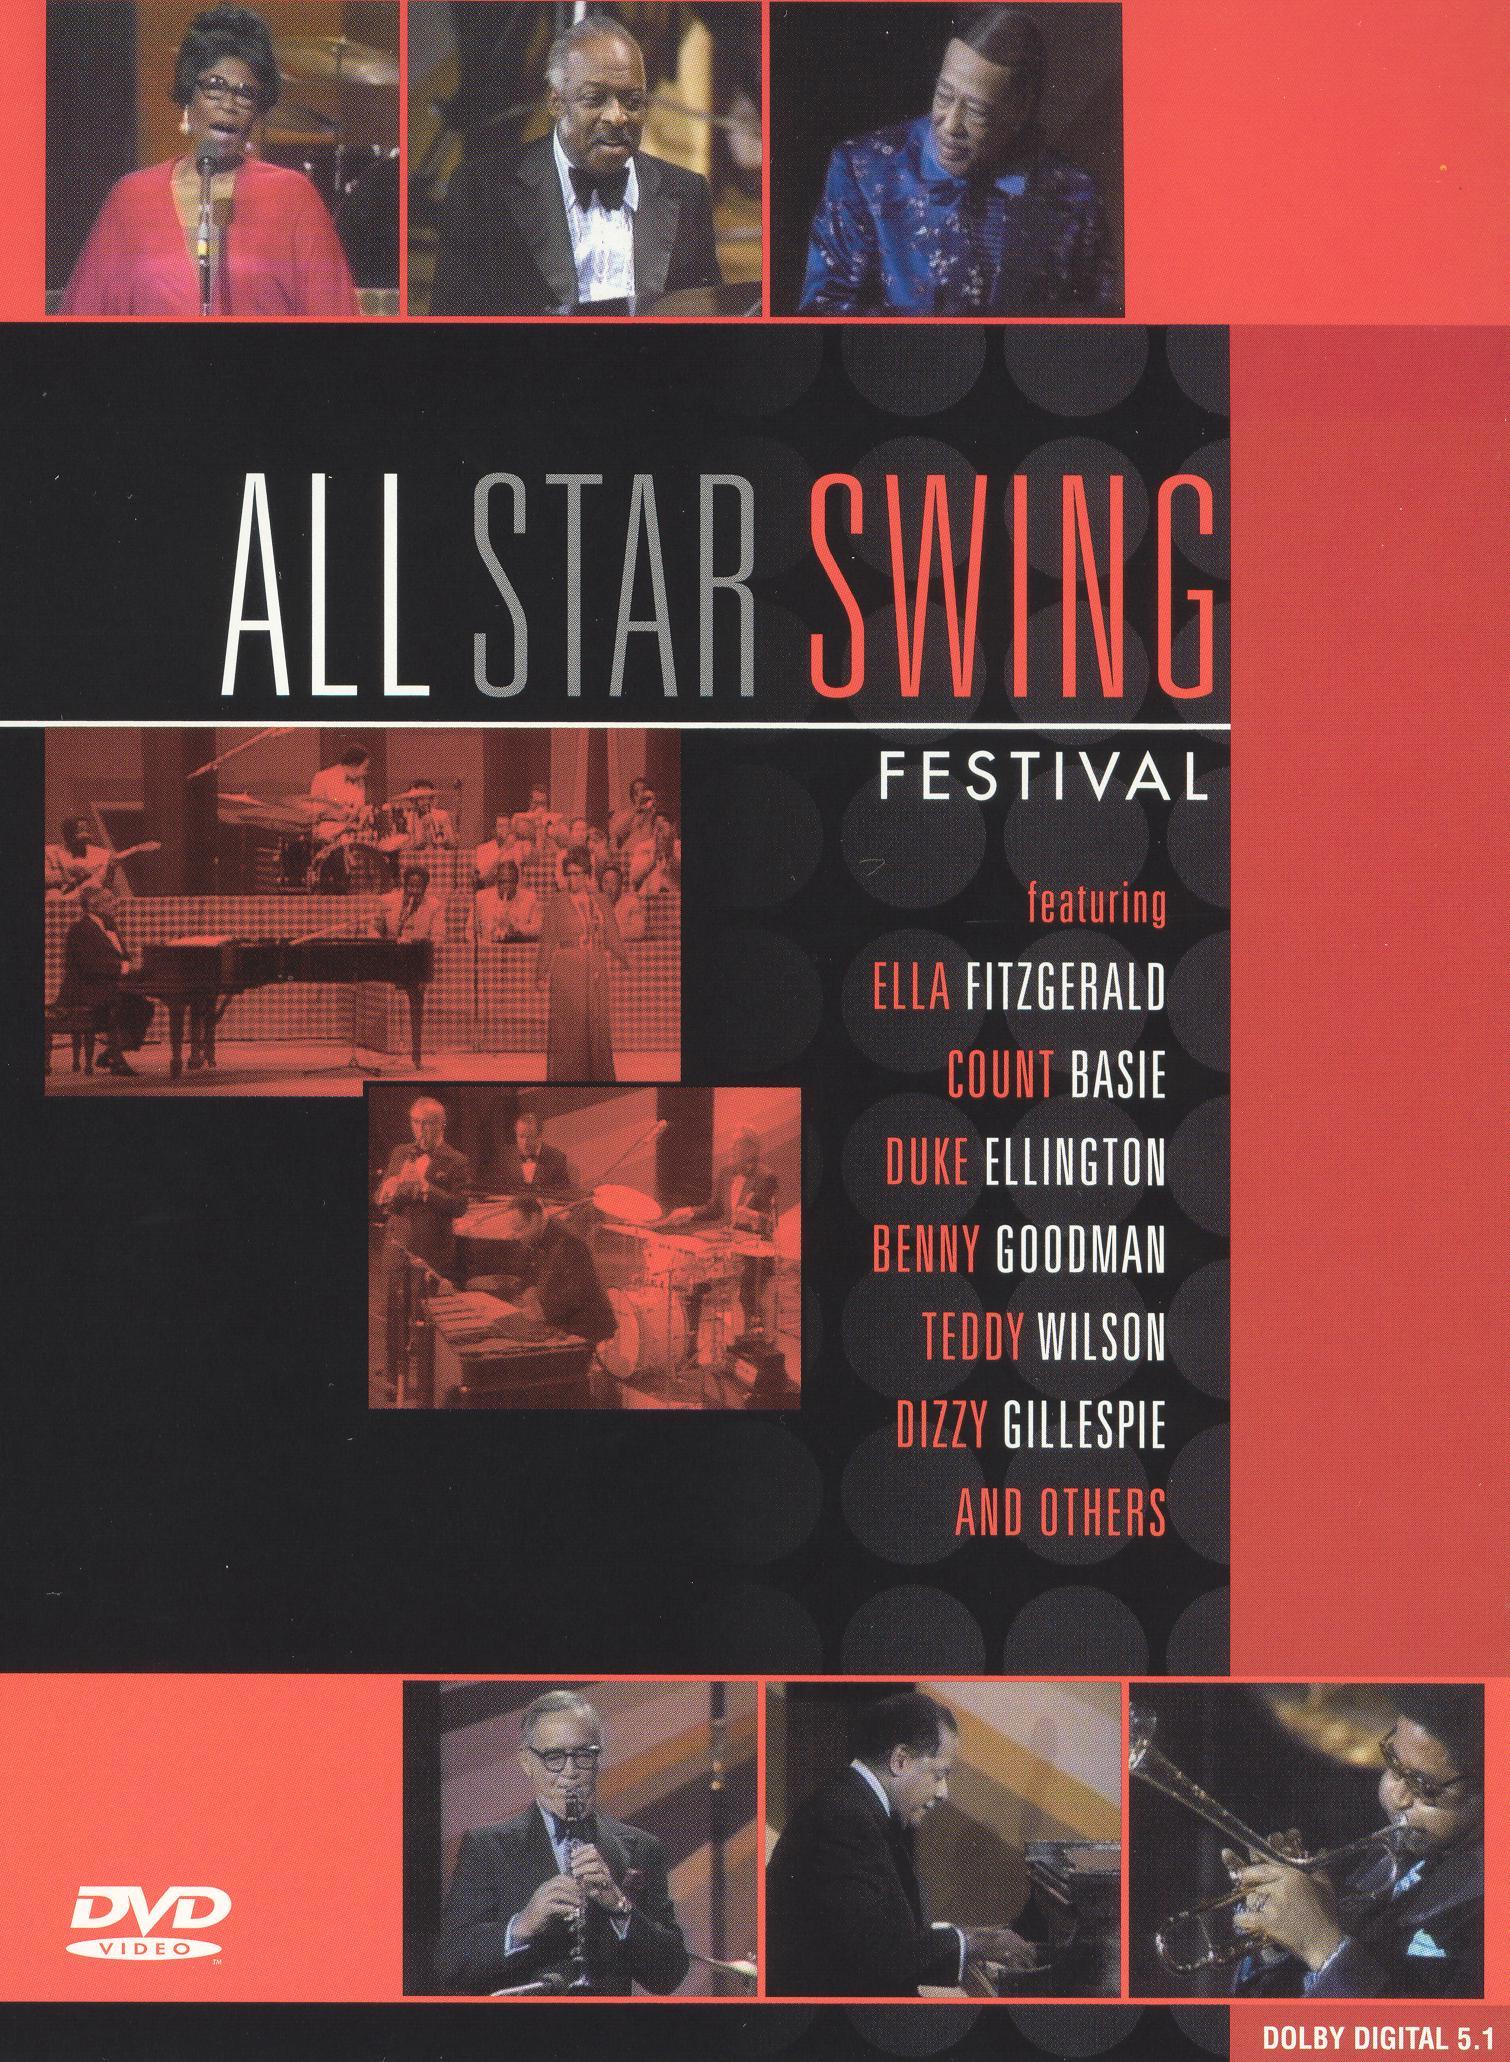 All-Star Swing Festival